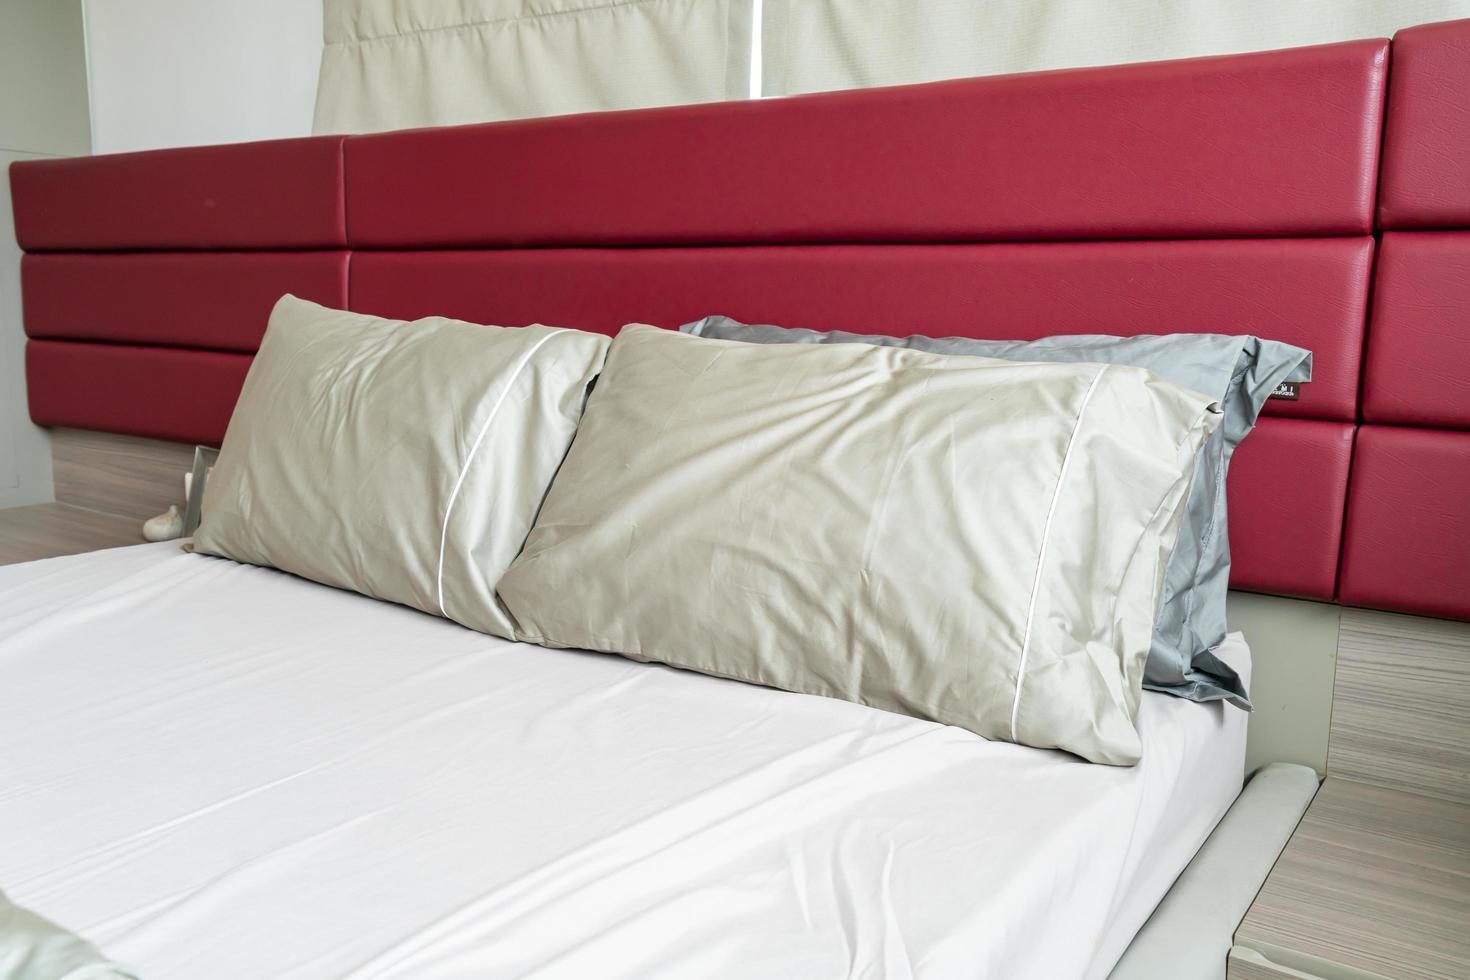 kuddedekoration på en säng i sovrummet foto